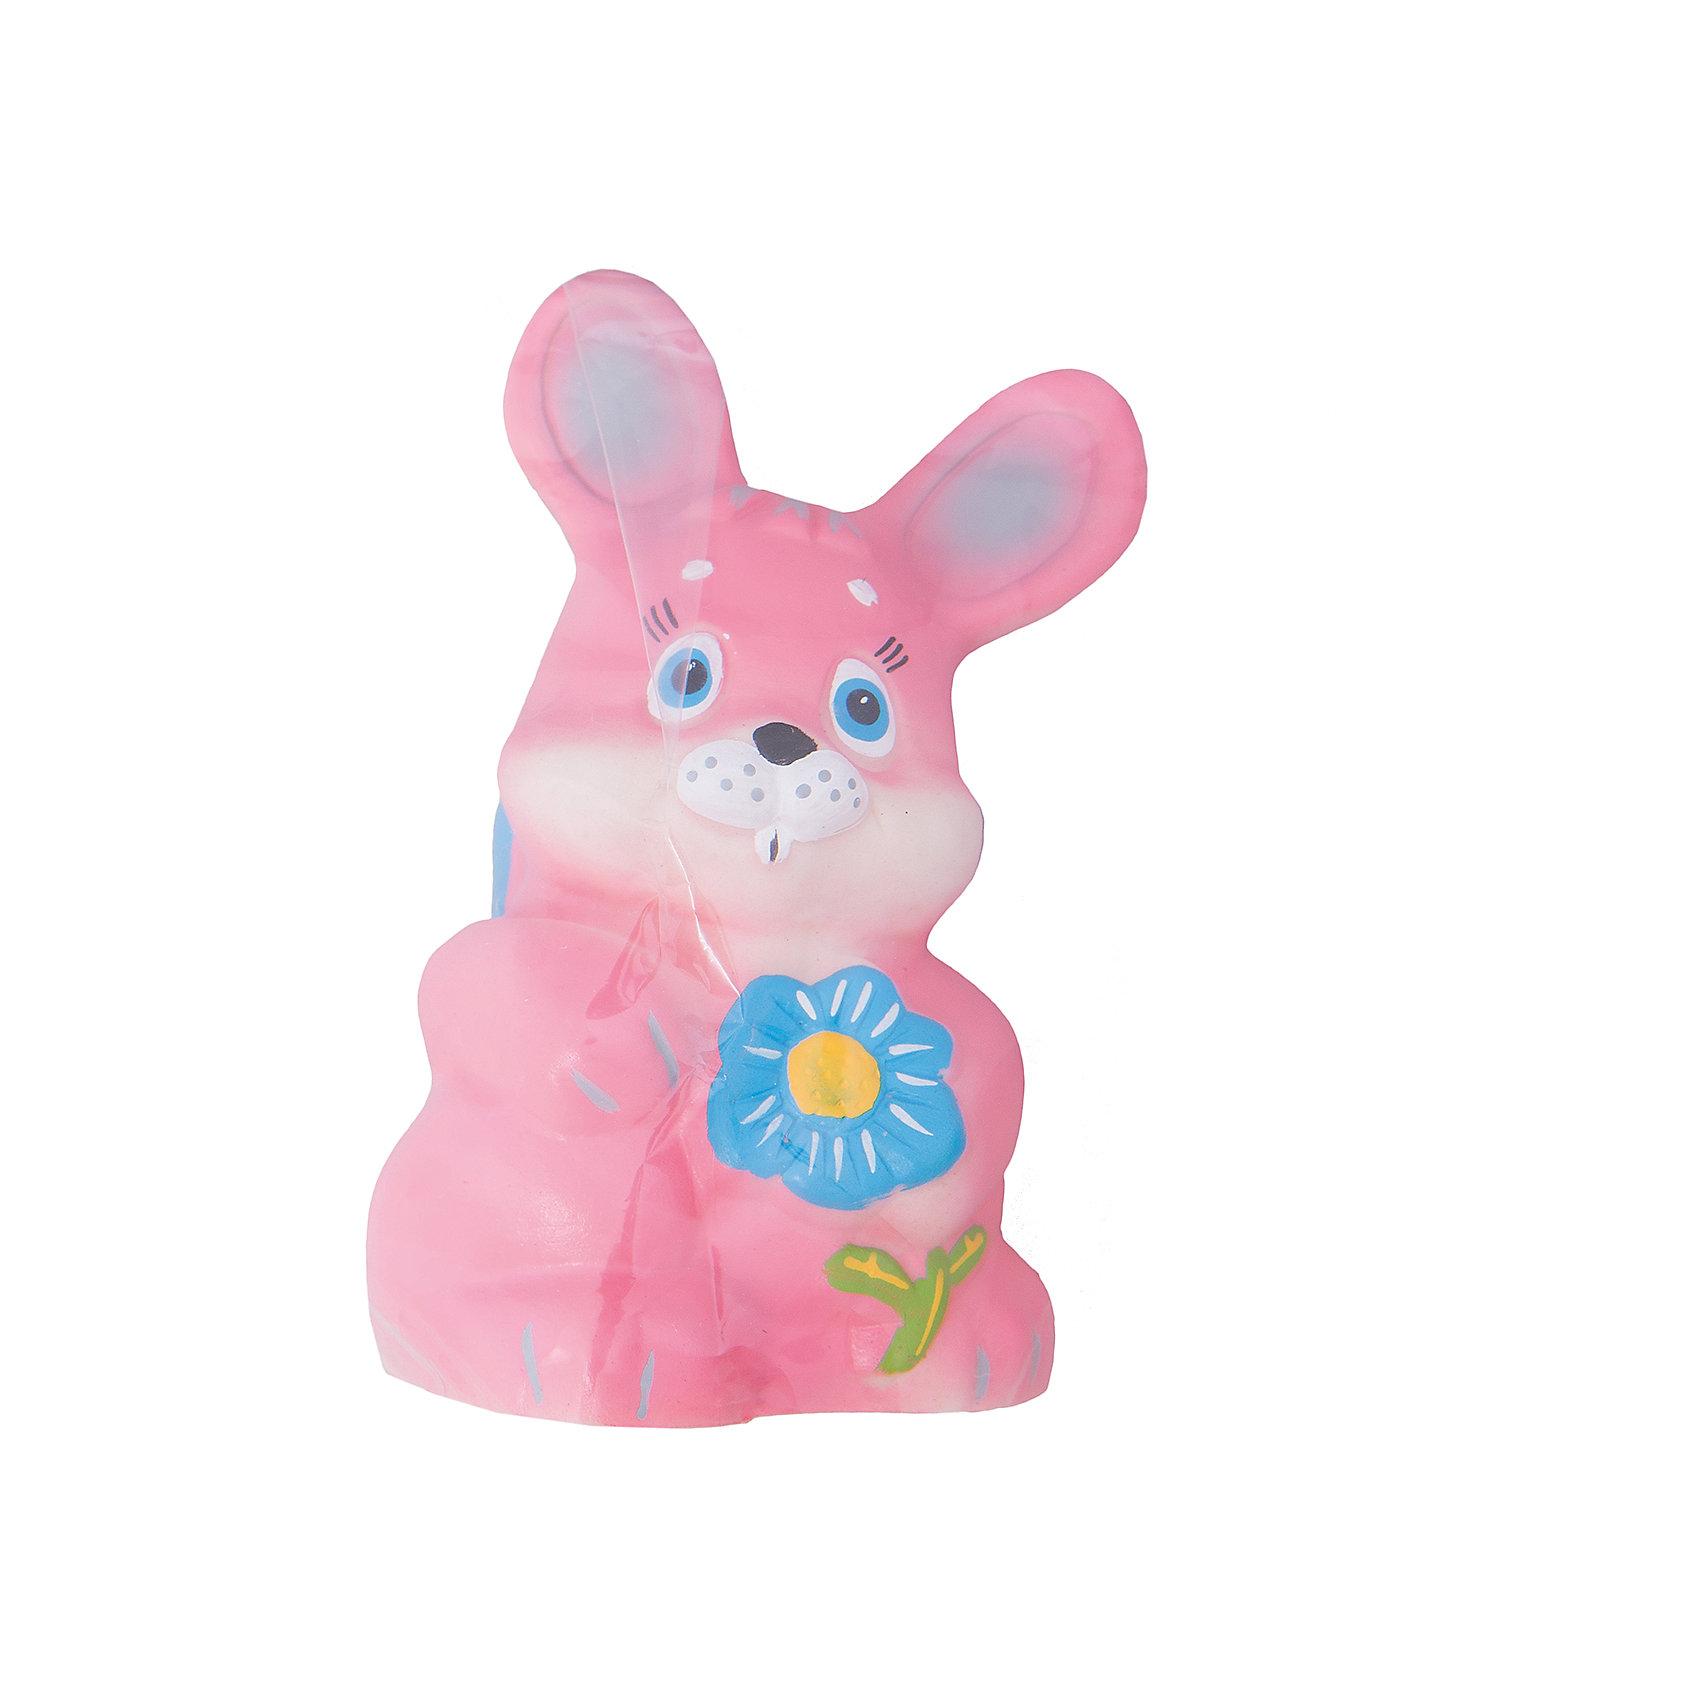 Зайка Лапочка, КудесникиИгрушки ПВХ<br>Зайка Лапочка, Кудесники<br><br>Характеристики:<br><br>• Материал: ПВХ.<br>• Размер: 5х6 х14,5см.<br><br>Отличная игрушка из мягкого ПВХ надолго займет внимание вашего малыша. Эта игрушка поможет малышу при прорезывании зубов, поможет развивать моторику рук, знакомить с формой, цветом, образами также с ней можно забавно поиграть в ванной. Яркий образ нежного забавного зайки поможет ребенку придумывать различные сюжетно-ролевые игры.<br><br>Зайку Лапочку, Кудесники, можно купить в нашем интернет – магазине.<br><br>Ширина мм: 50<br>Глубина мм: 60<br>Высота мм: 145<br>Вес г: 108<br>Возраст от месяцев: 12<br>Возраст до месяцев: 36<br>Пол: Унисекс<br>Возраст: Детский<br>SKU: 4896478